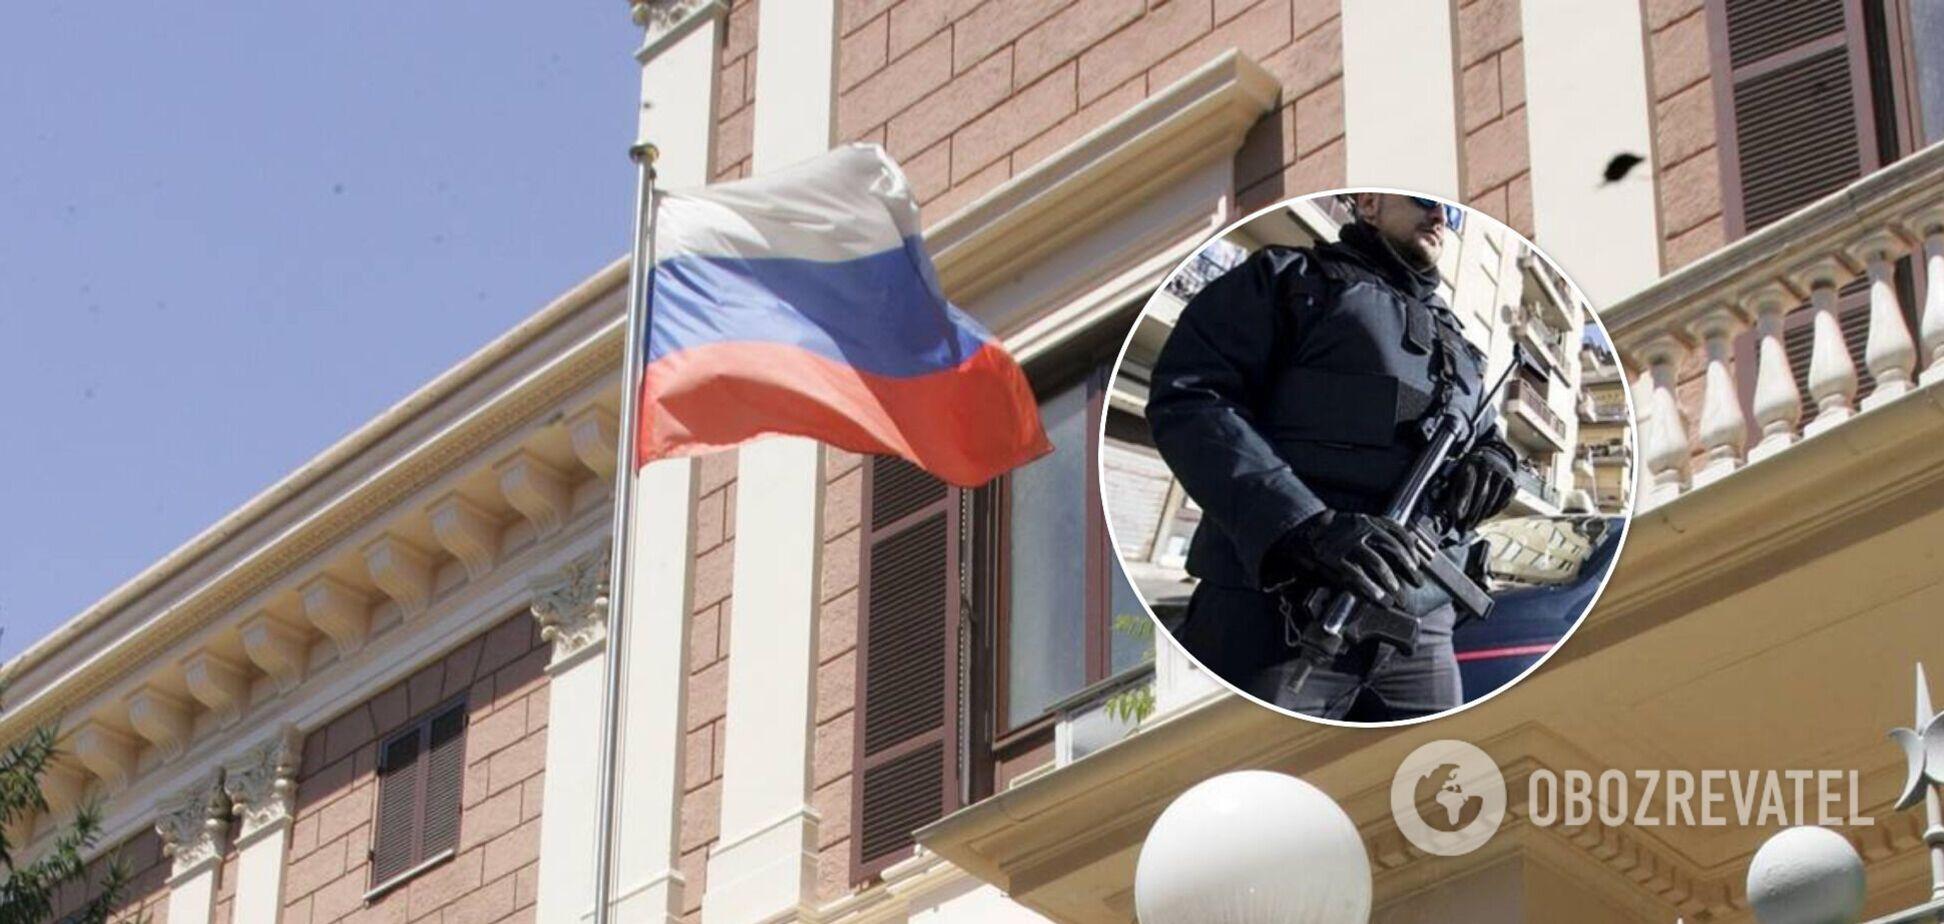 В посольстве РФ отреагировали на задержание дипломата в Италии